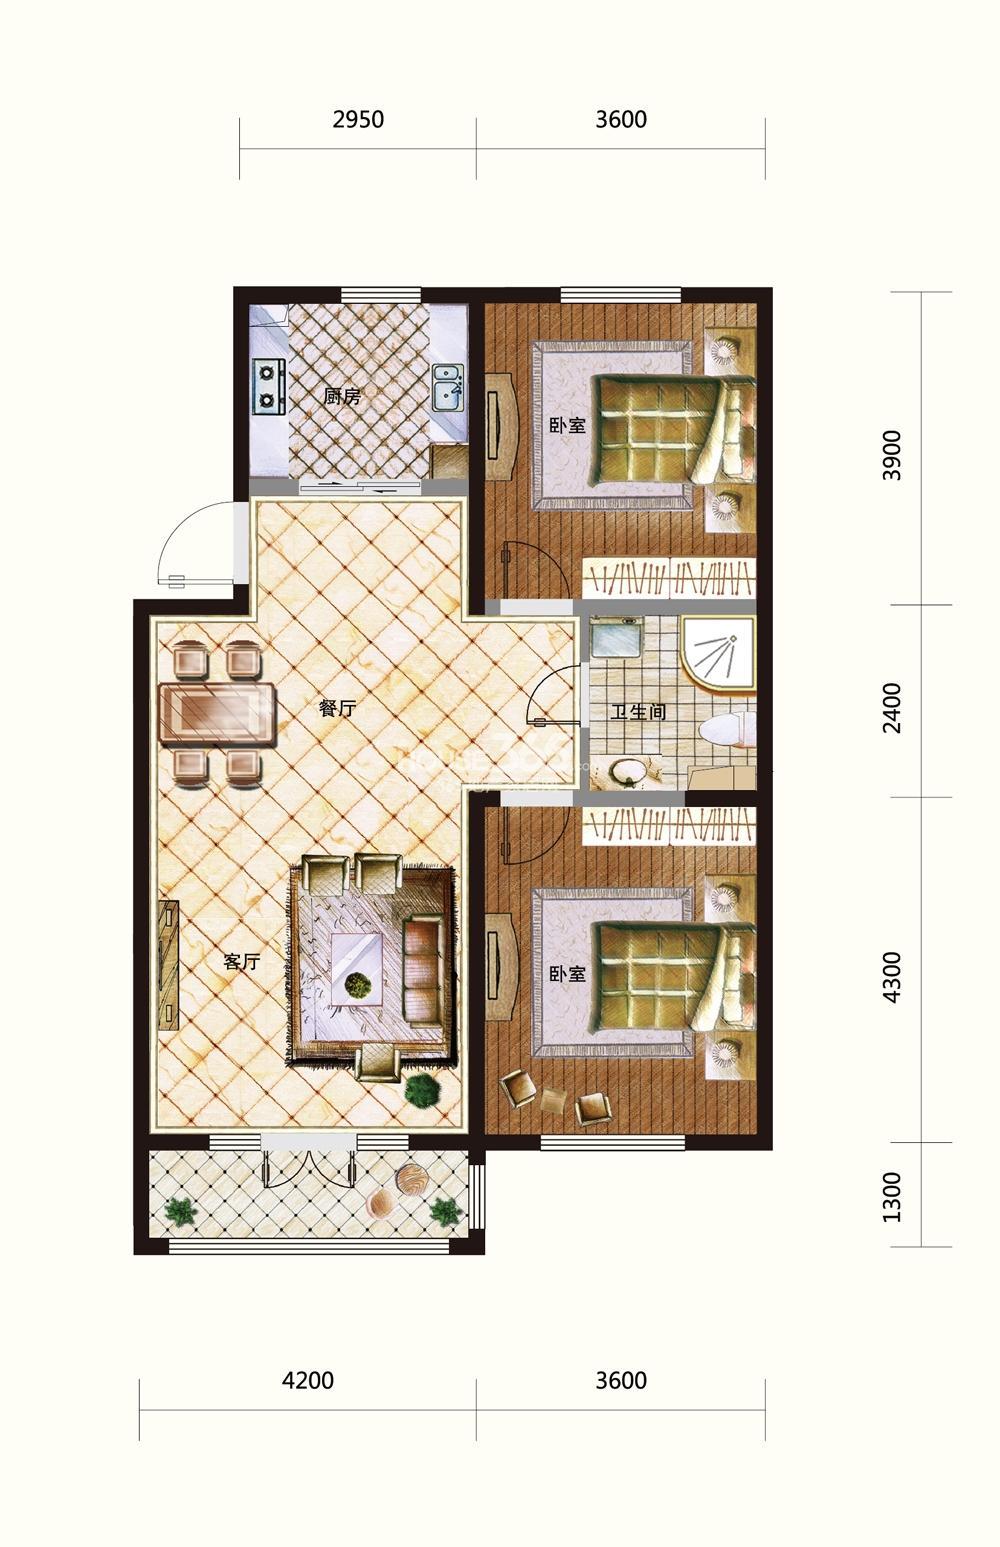 五矿紫晶御府两室两厅一卫115平米